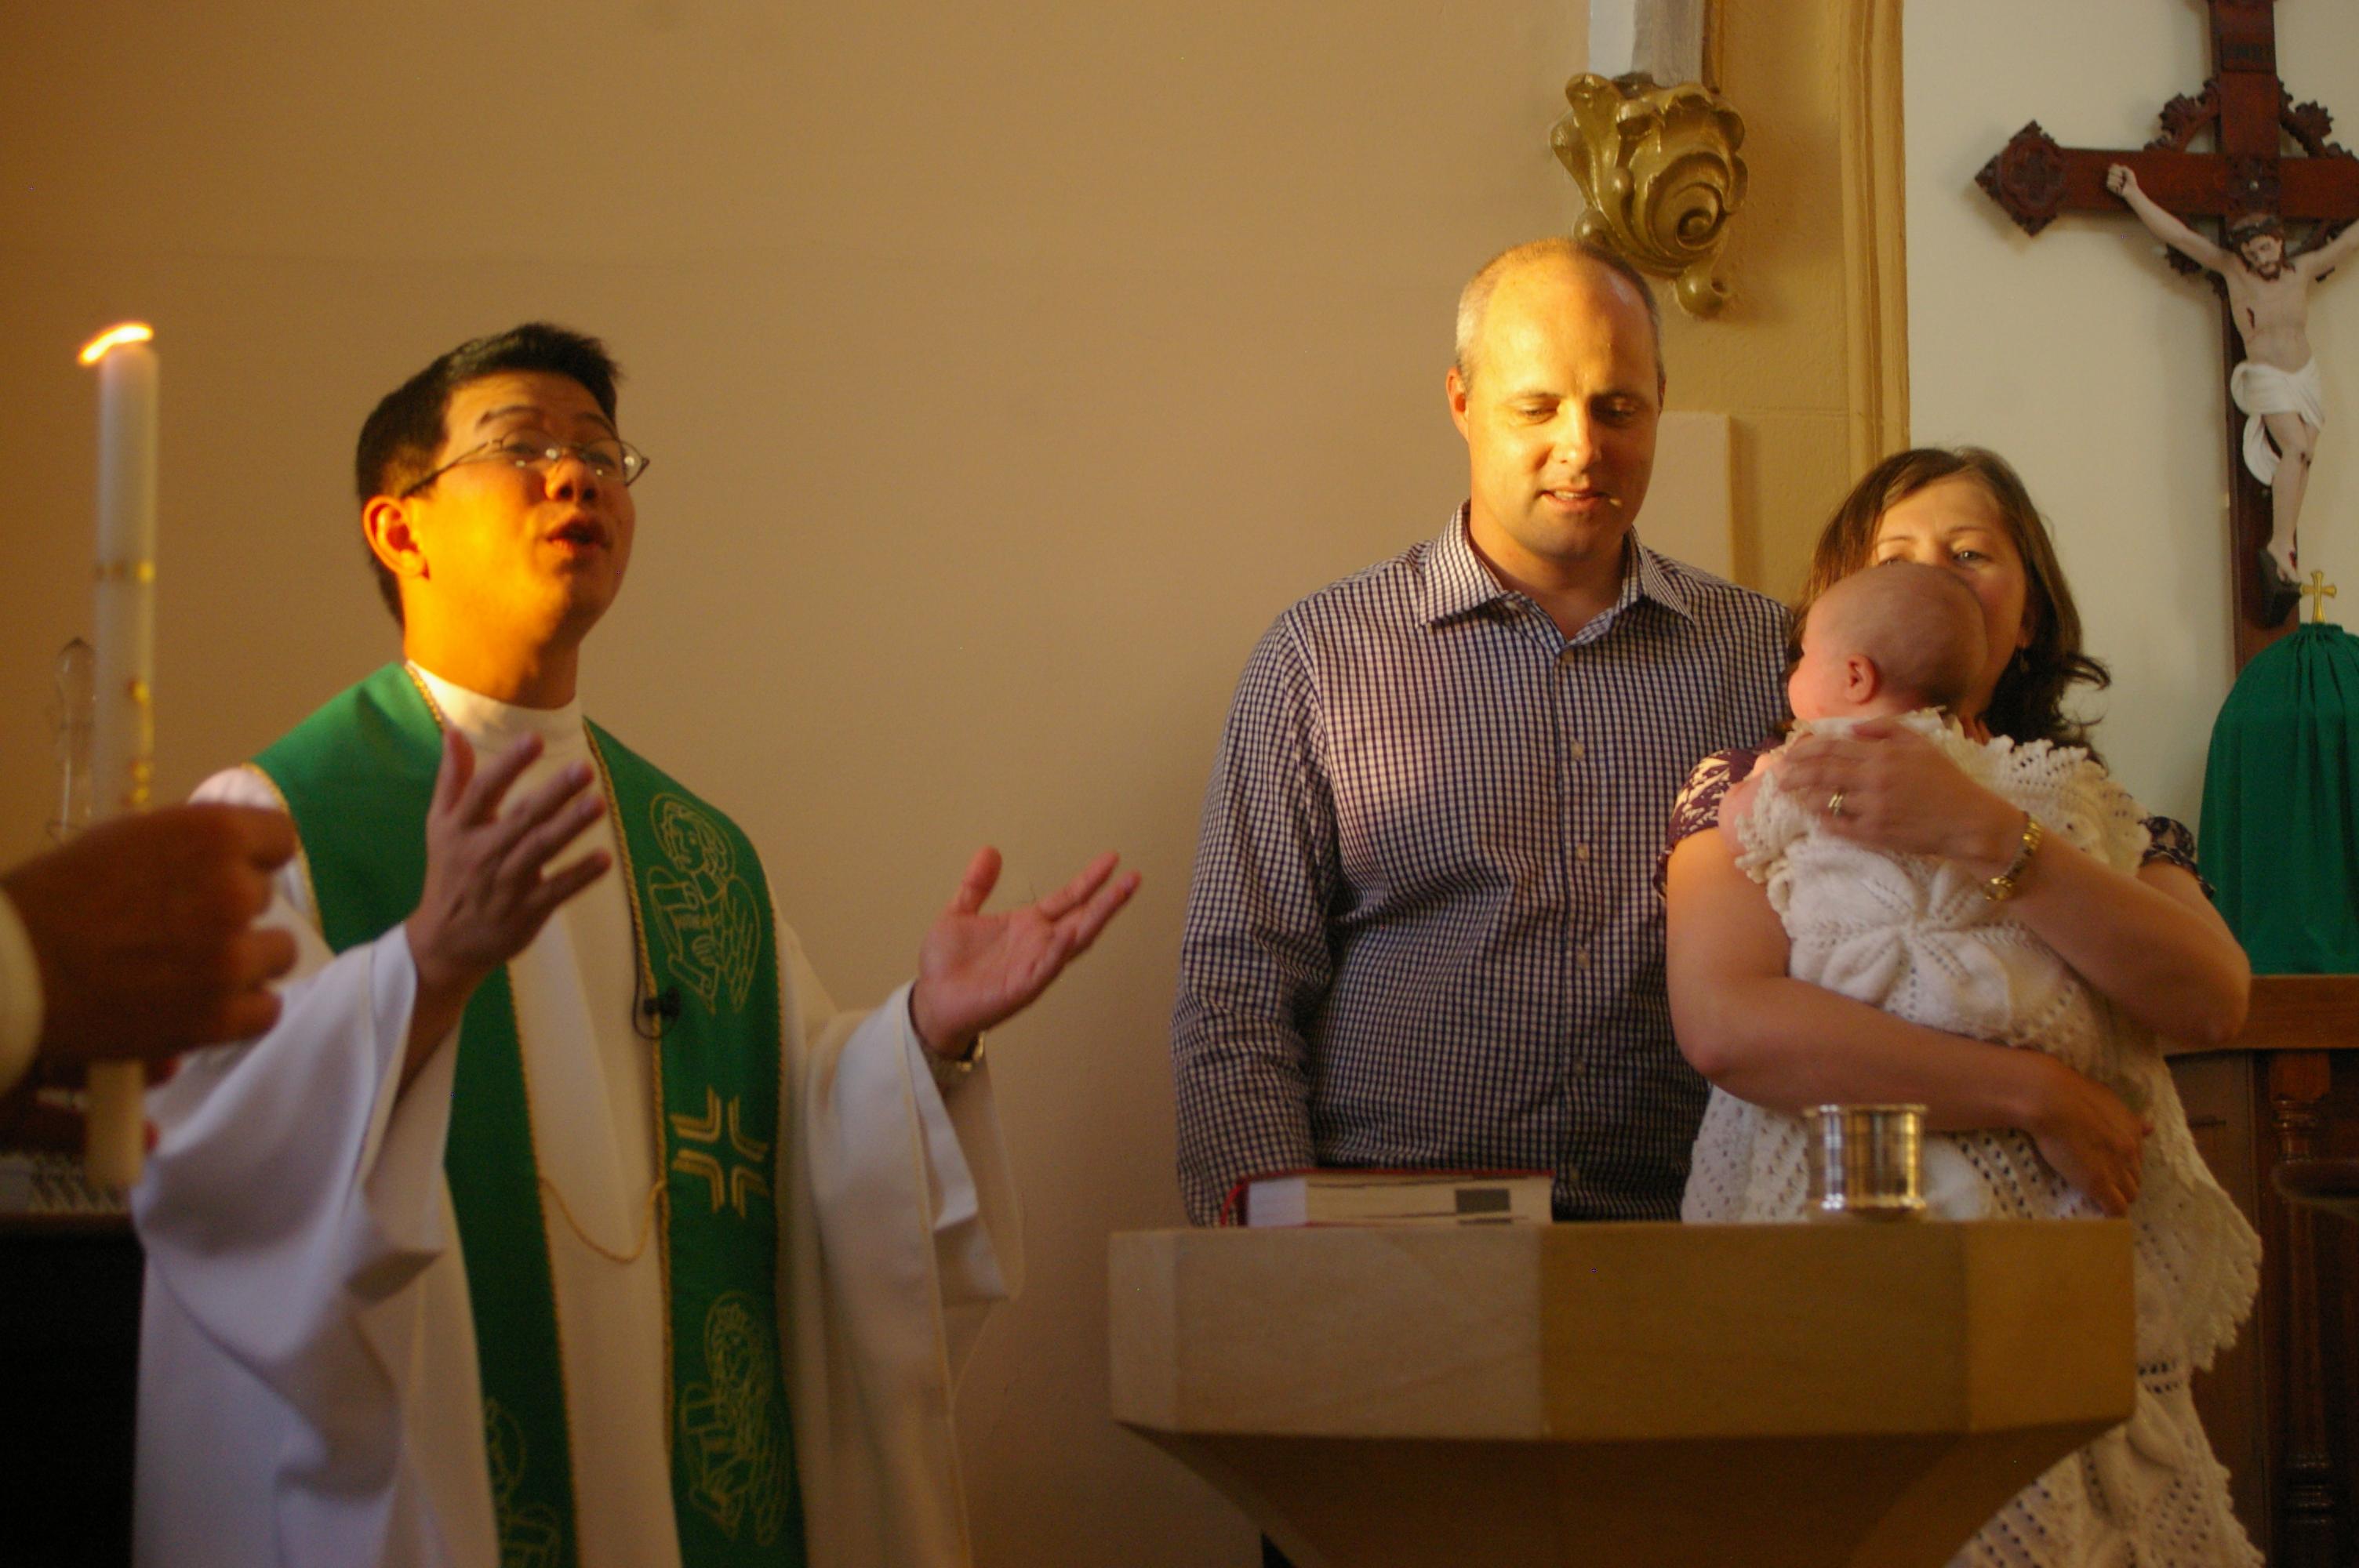 Sacrament of Baptism Dardanup